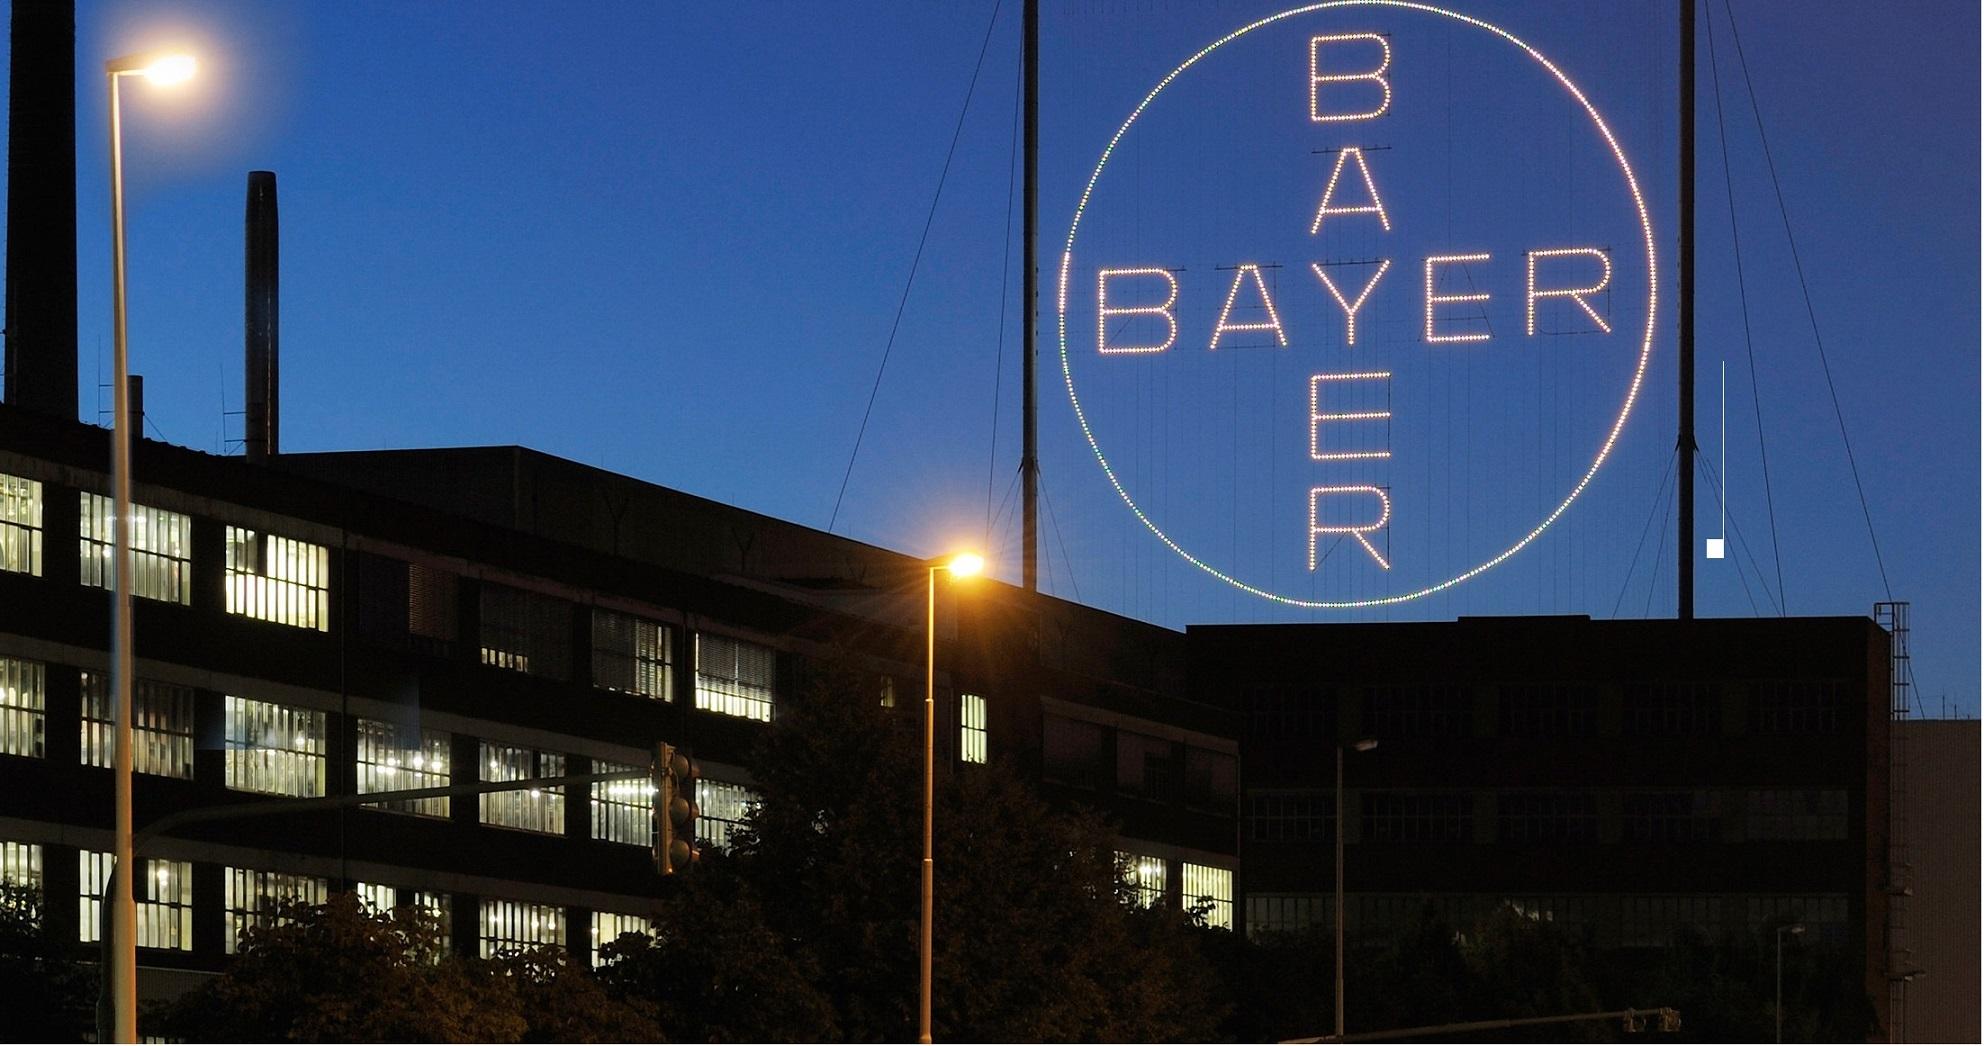 Η Bayer εγκαινιάζει συνεργασία με τη διαφημιστική MullenLowe